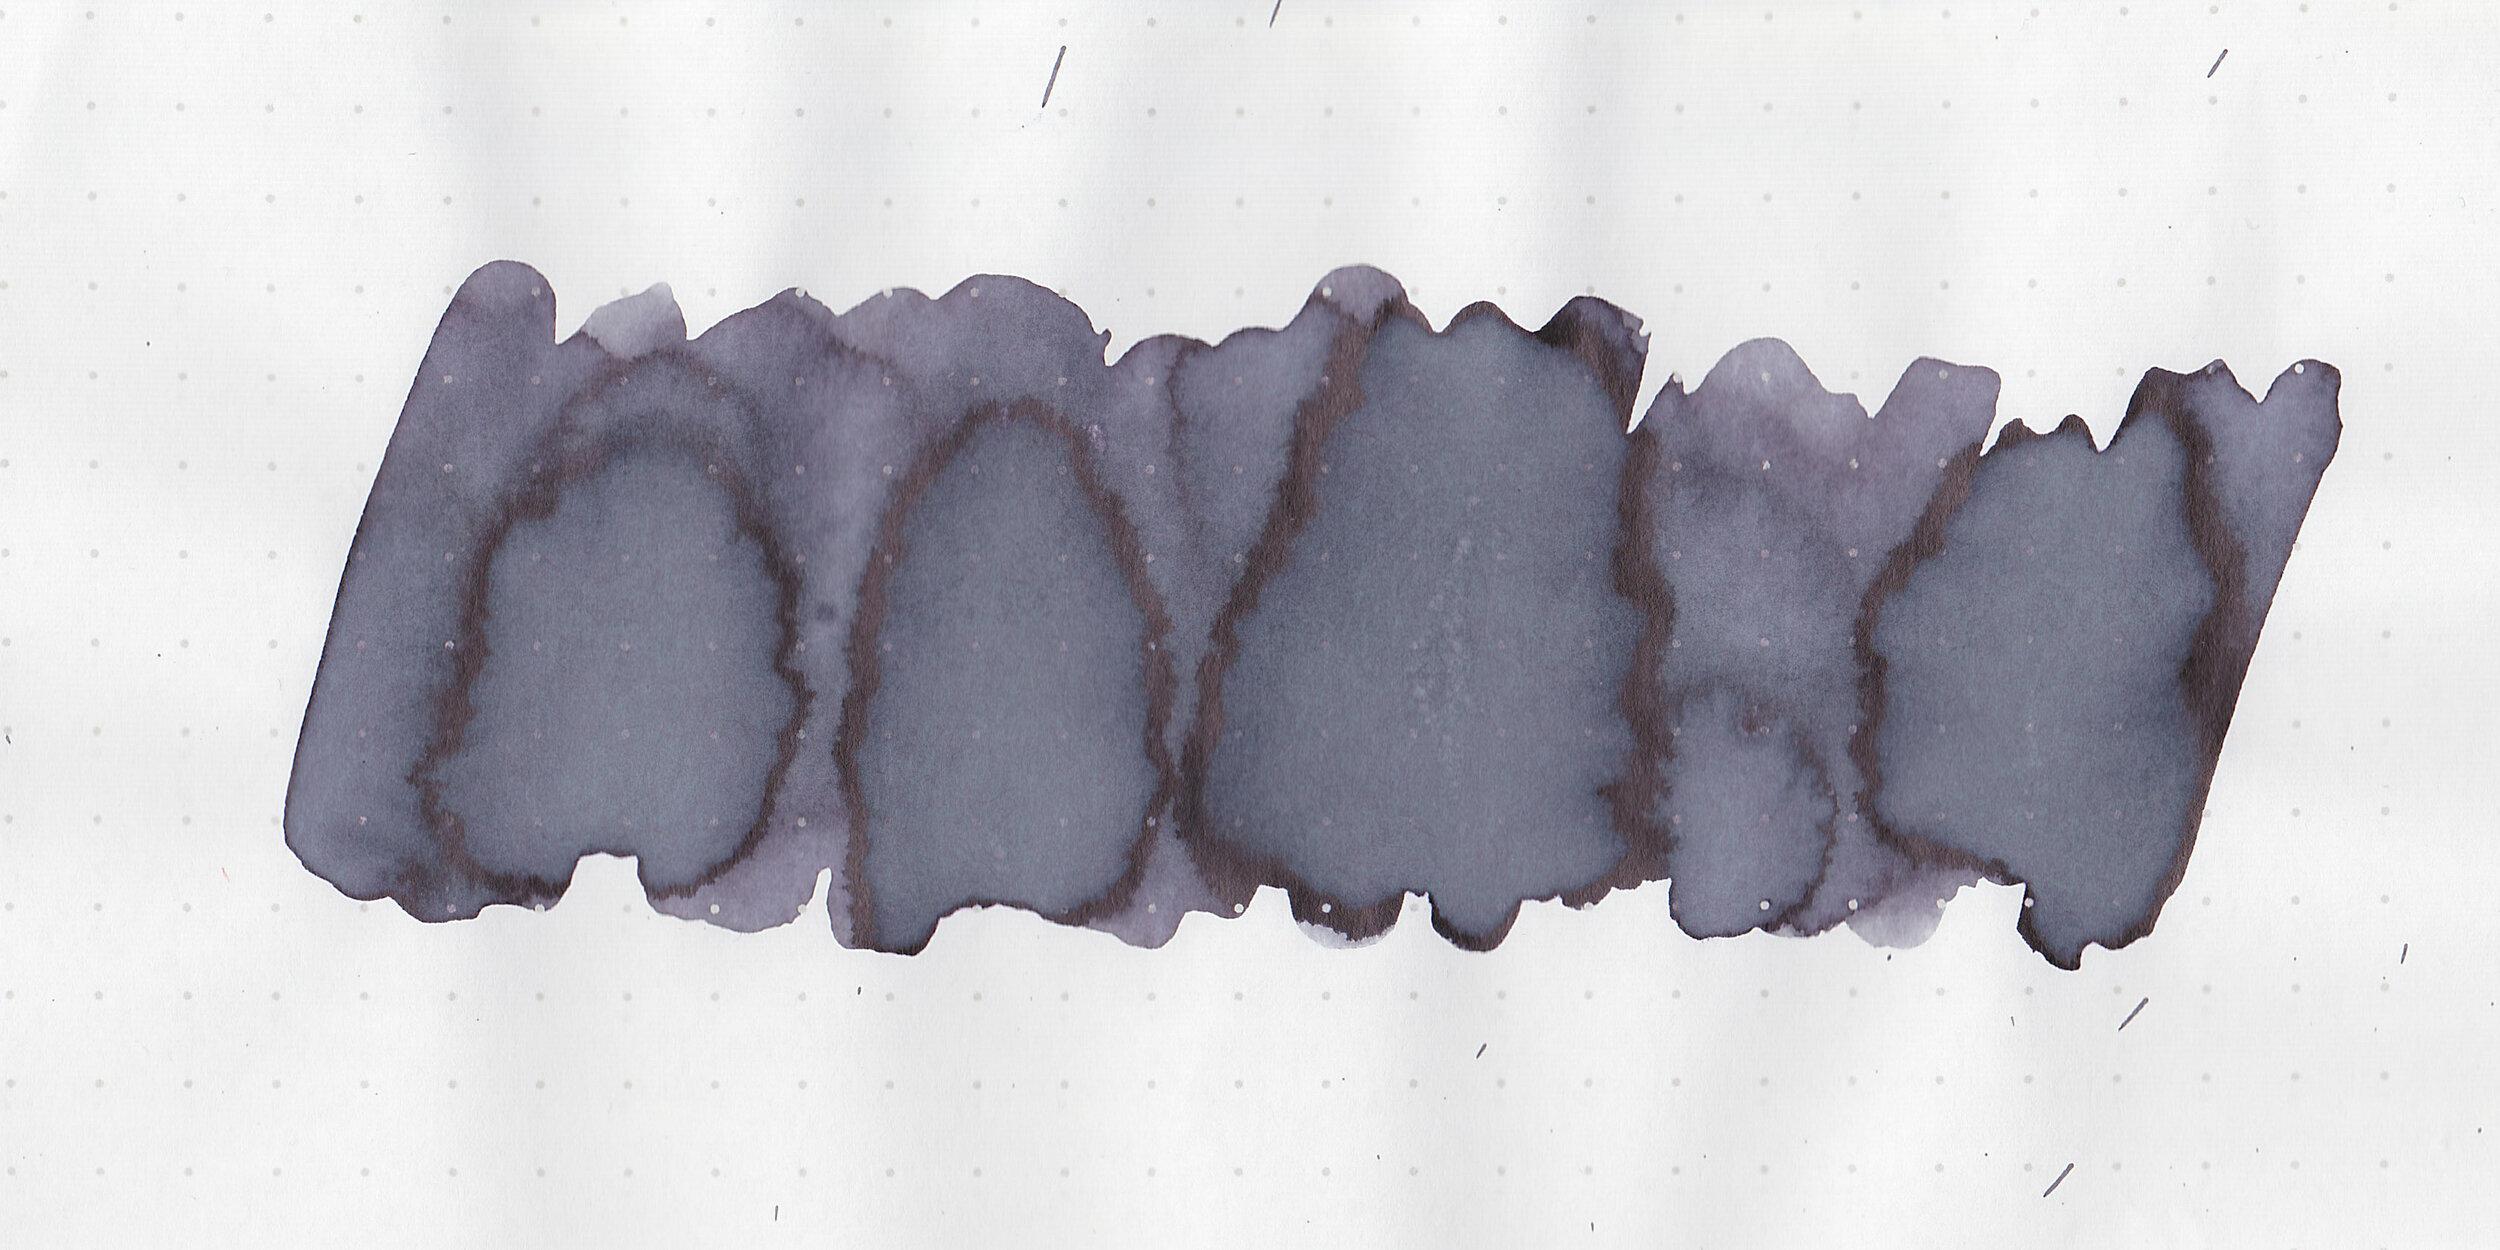 penbbs-misty-mountain-3.jpg